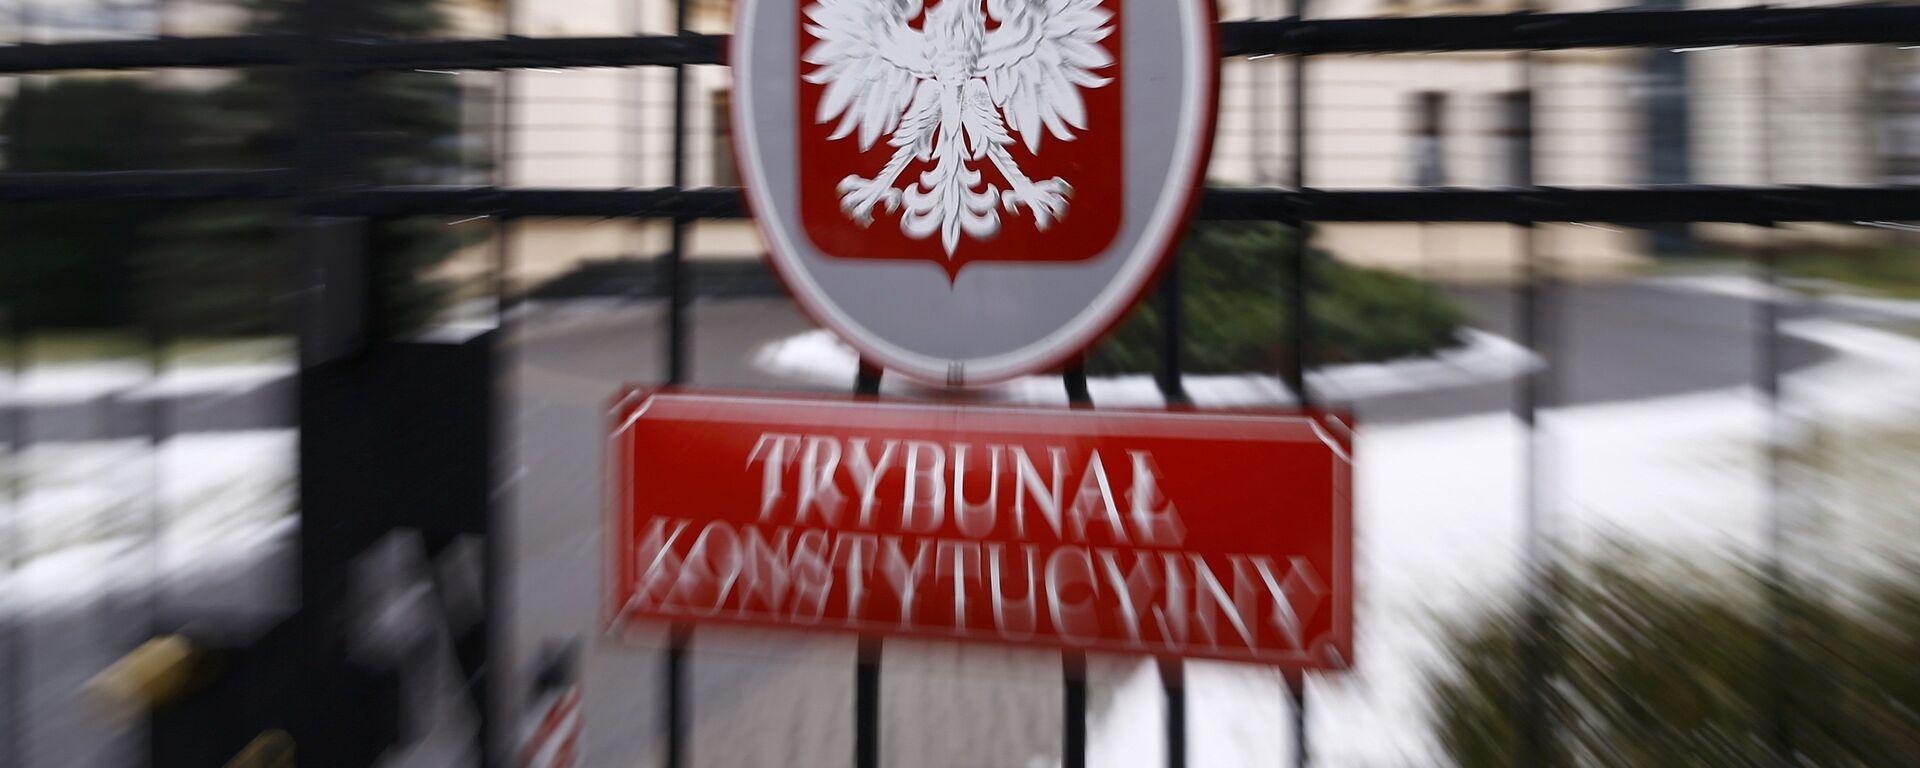 Trybunał Konstytucyjny - Sputnik Polska, 1920, 09.02.2021